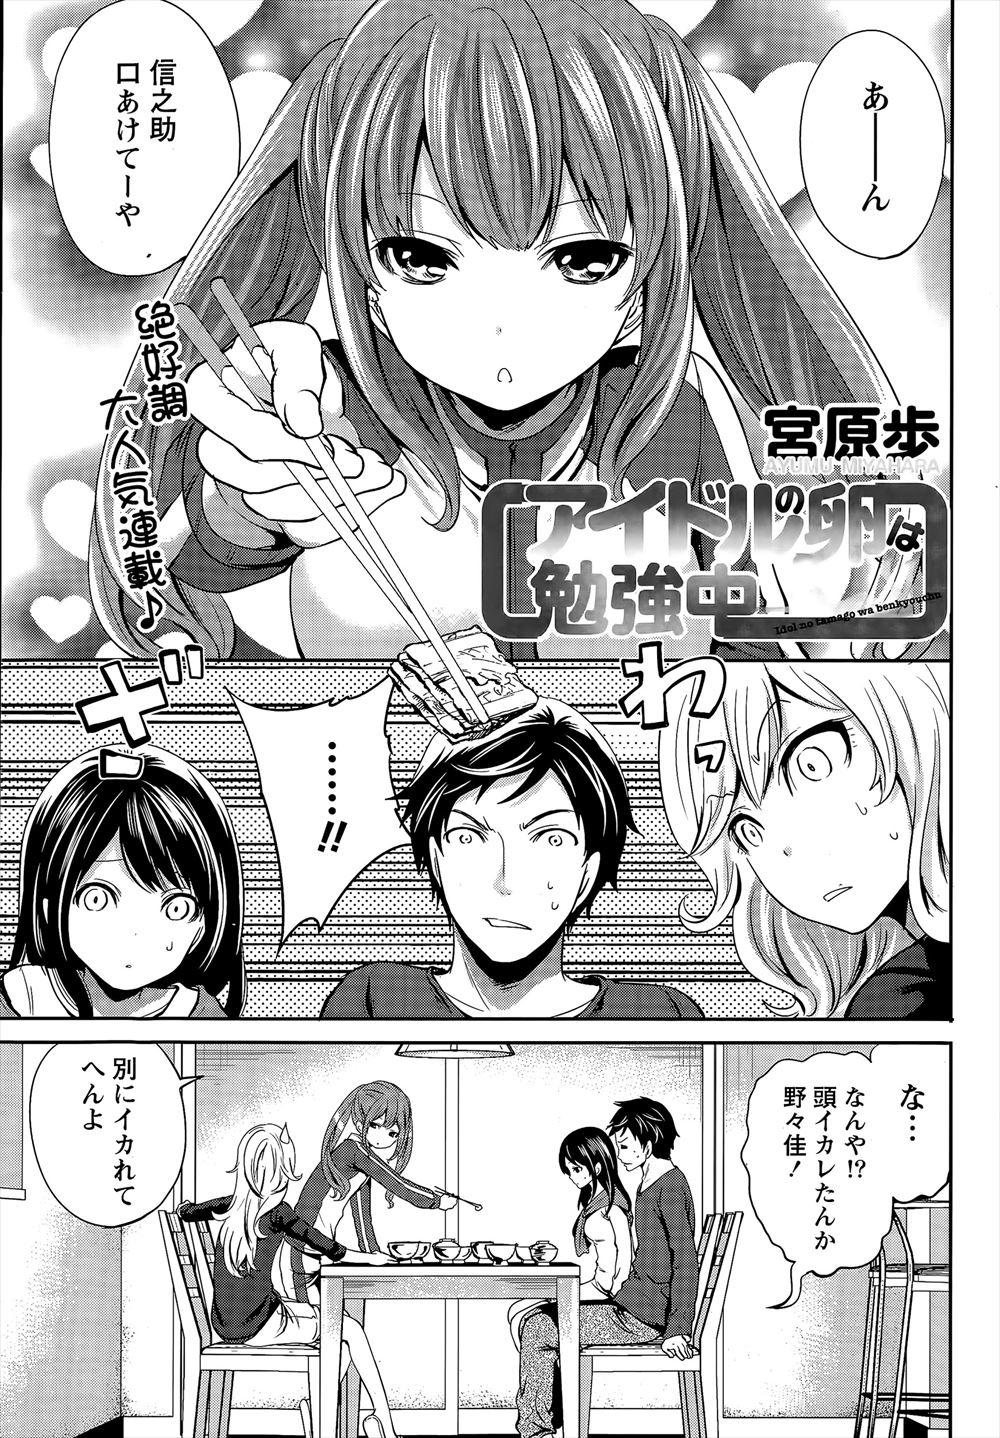 【エロ漫画・エロ同人】三人のアイドルたちと同居したら中でも巨乳の娘にエッチに誘われたからセックスする♪